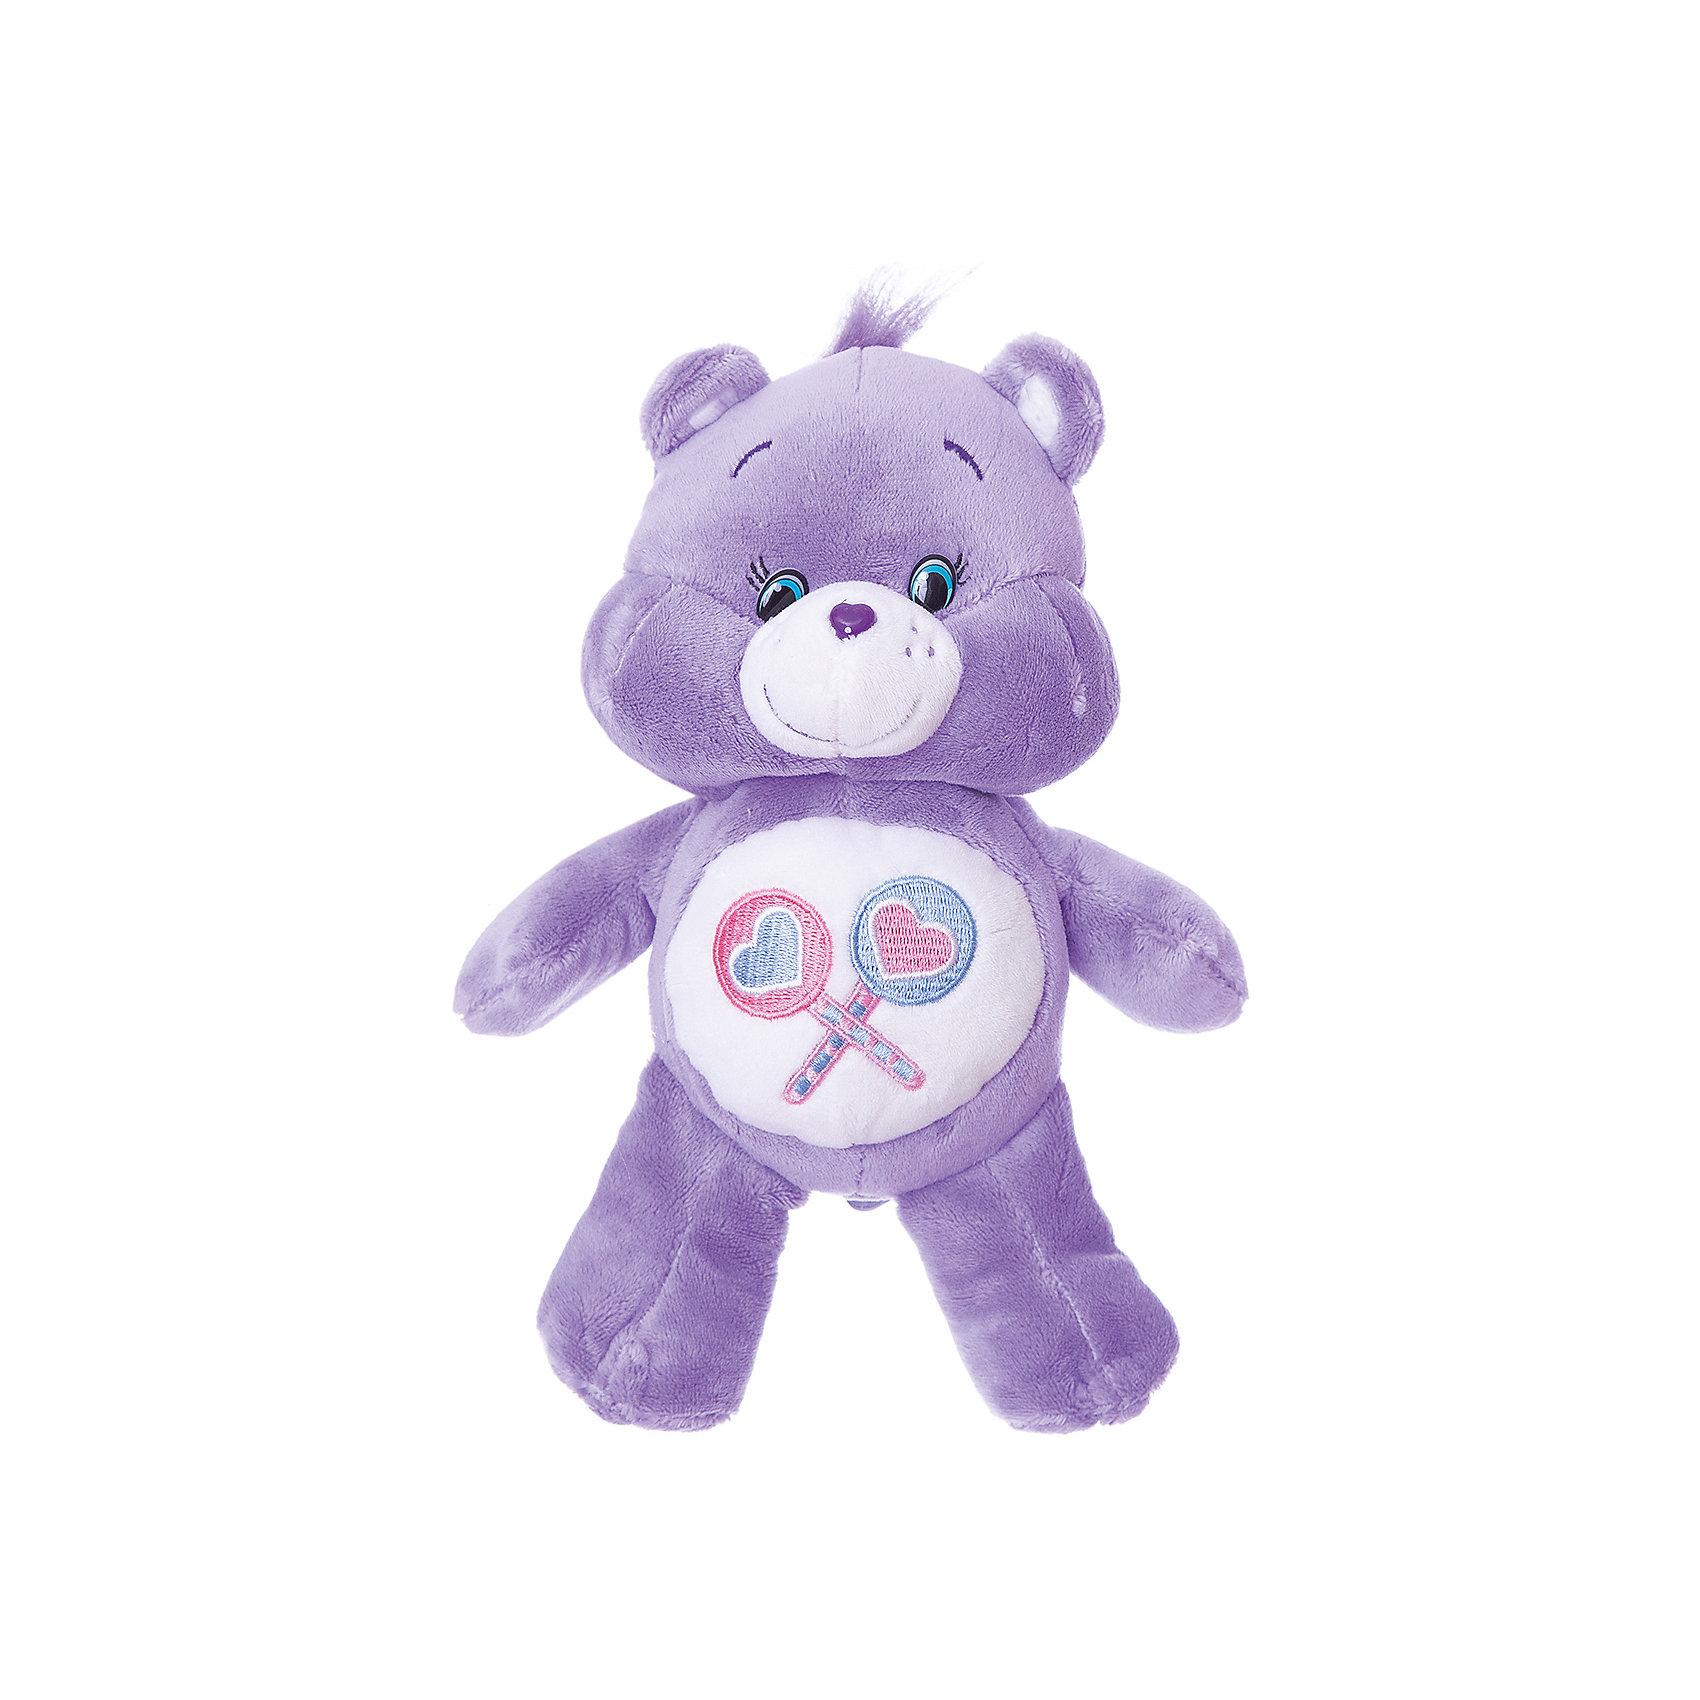 Мягкая игрушка Милашка, Заботливые мишки, 20 смЛюбимые герои<br>Мишка Милашка - очень милый и обаятельный медвежонок, который обязательно станет верным другом вашему ребенку. Плюшевую очаровашку можно взять с собой на прогулку, с ней невероятно весело играть, а как сладко спать в своей мягкой постельке, нежно обнимая любимого медвежонка! Играя и разговаривая с Милашкой, ваш малыш будет развивать воображение и речь, получая удовольствие от общения с очаровательной игрушкой.&#13;<br>Мягкая сиреневая игрушка Милашка ТМ Заботливые Мишки высотой 20 см сшита из мягкого, приятного на ощупь плюша, плотно набита. Товар сертифицирован. Упаковка - пакет.<br><br>Ширина мм: 210<br>Глубина мм: 130<br>Высота мм: 85<br>Вес г: 80<br>Возраст от месяцев: 36<br>Возраст до месяцев: 60<br>Пол: Унисекс<br>Возраст: Детский<br>SKU: 5471901